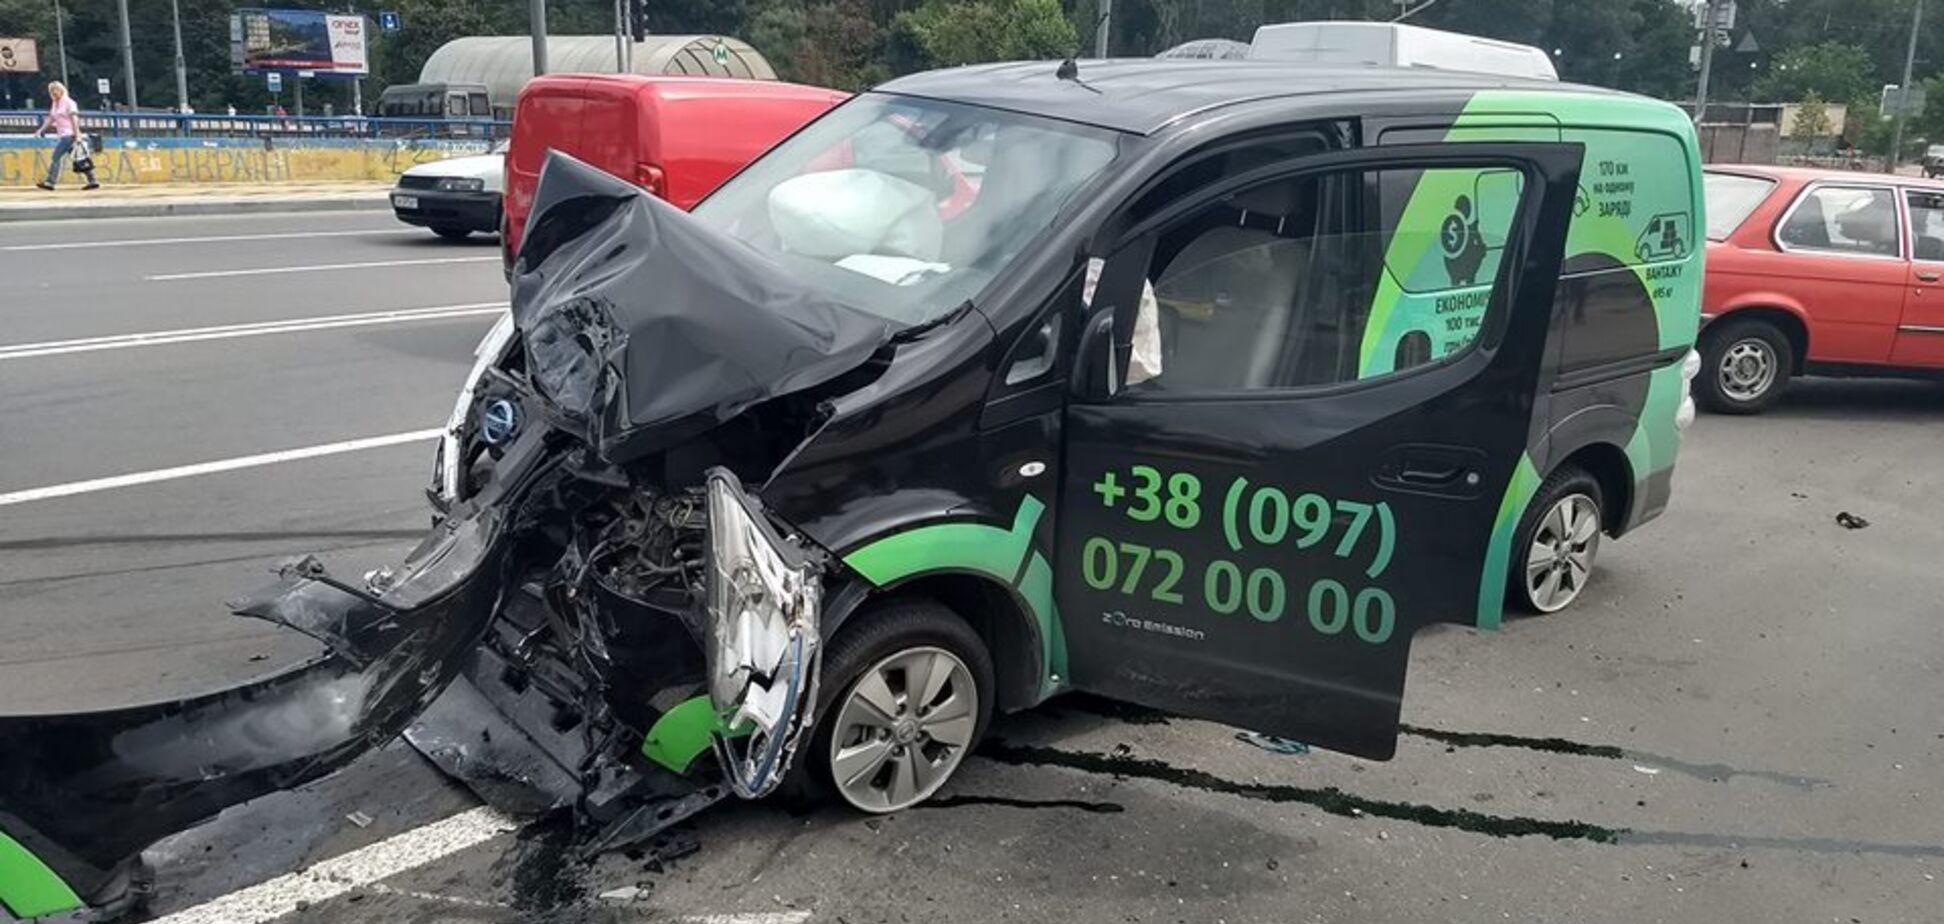 Поехал на красный: появились первые подробности смертельного ДТП в Киеве